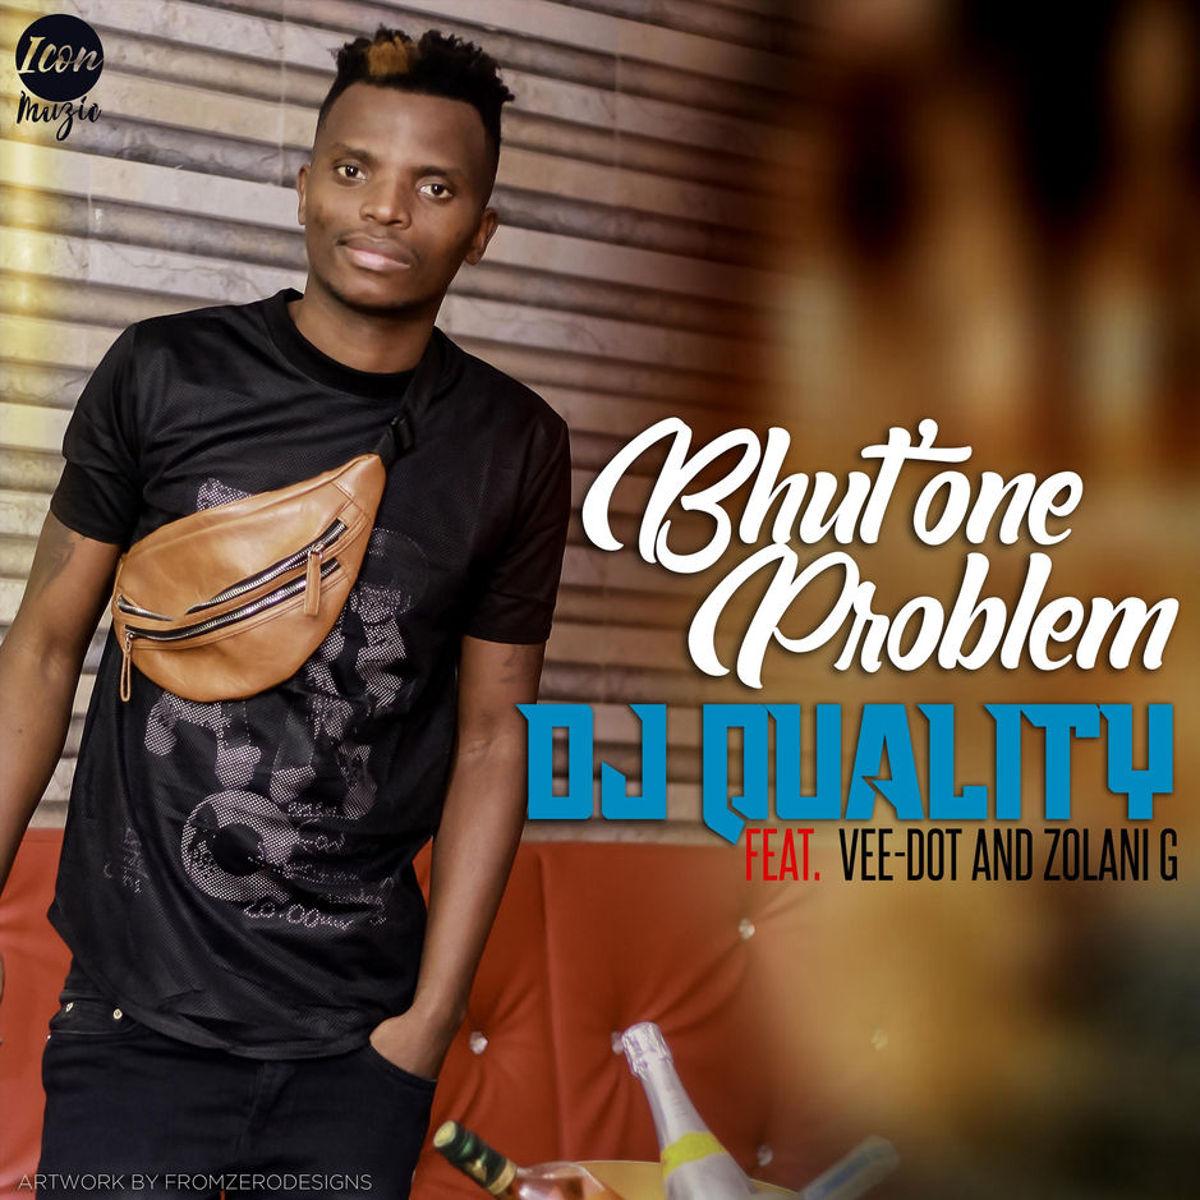 DJ Quality Bhut One Problem - DJ Quality – Bhut' One Problem Ft. Vee-Dot & Zolani G